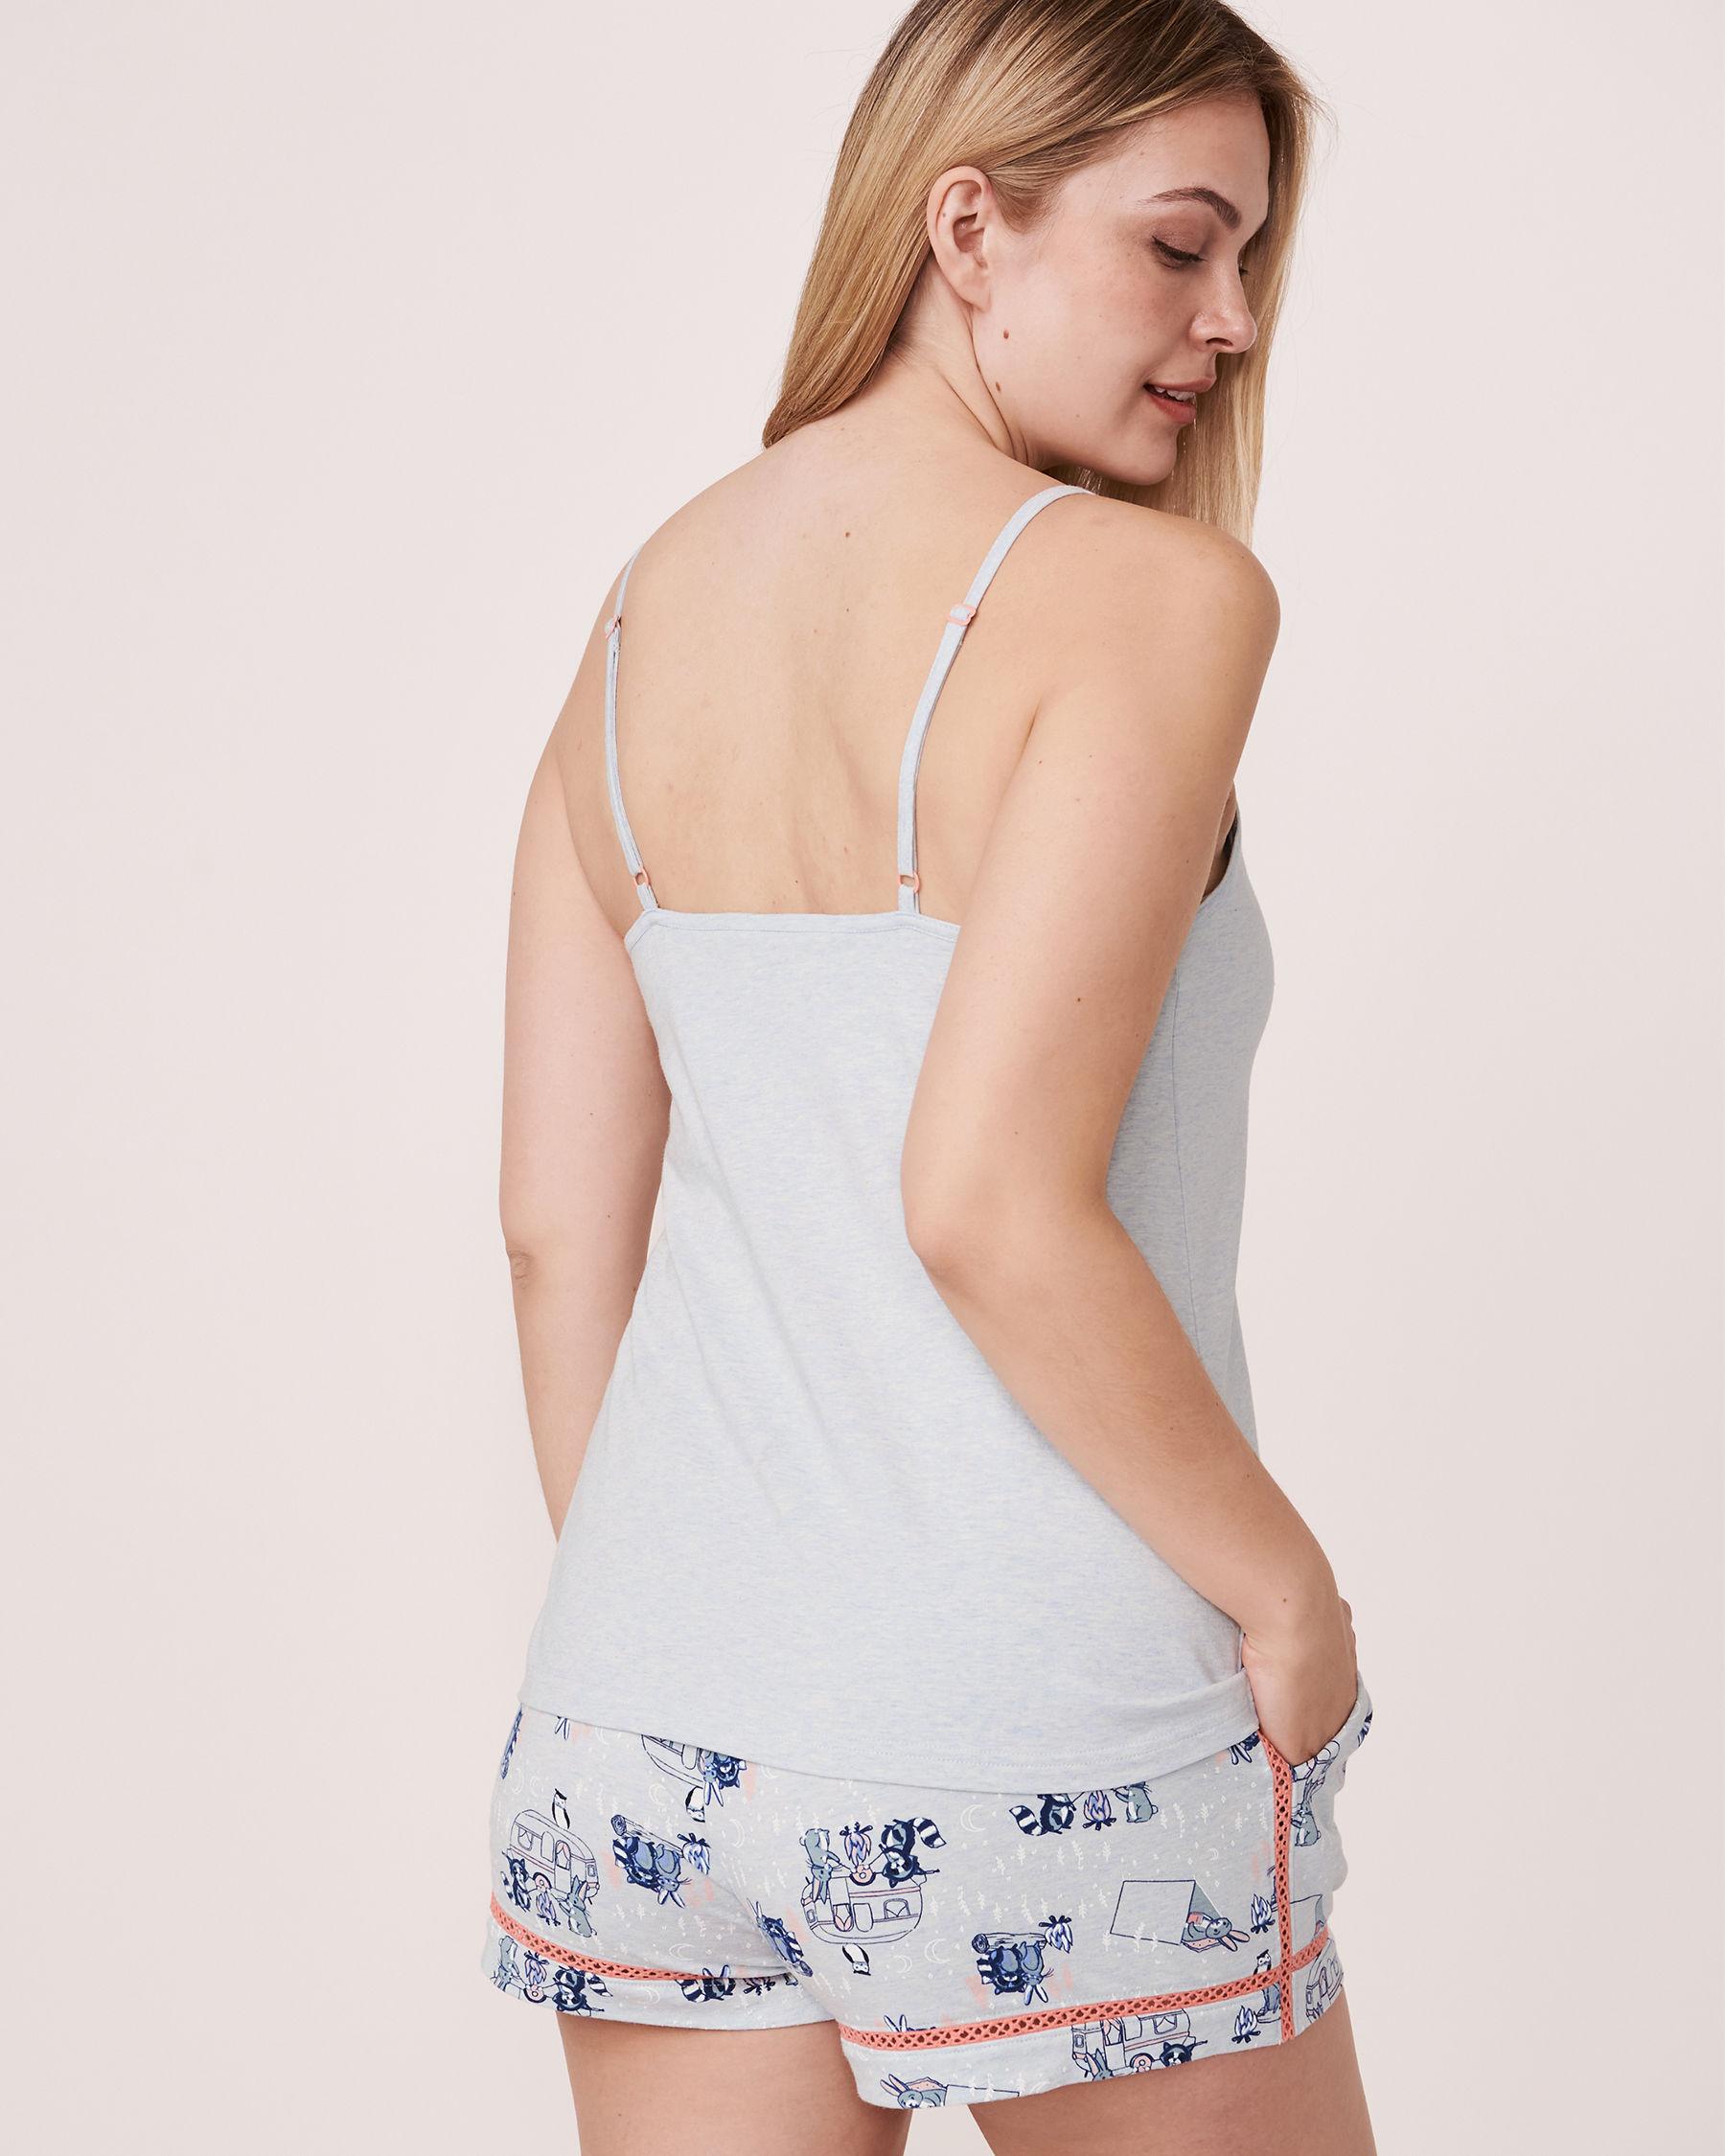 LA VIE EN ROSE Organic Cotton V-neck Cami Blue mix 40100046 - View2